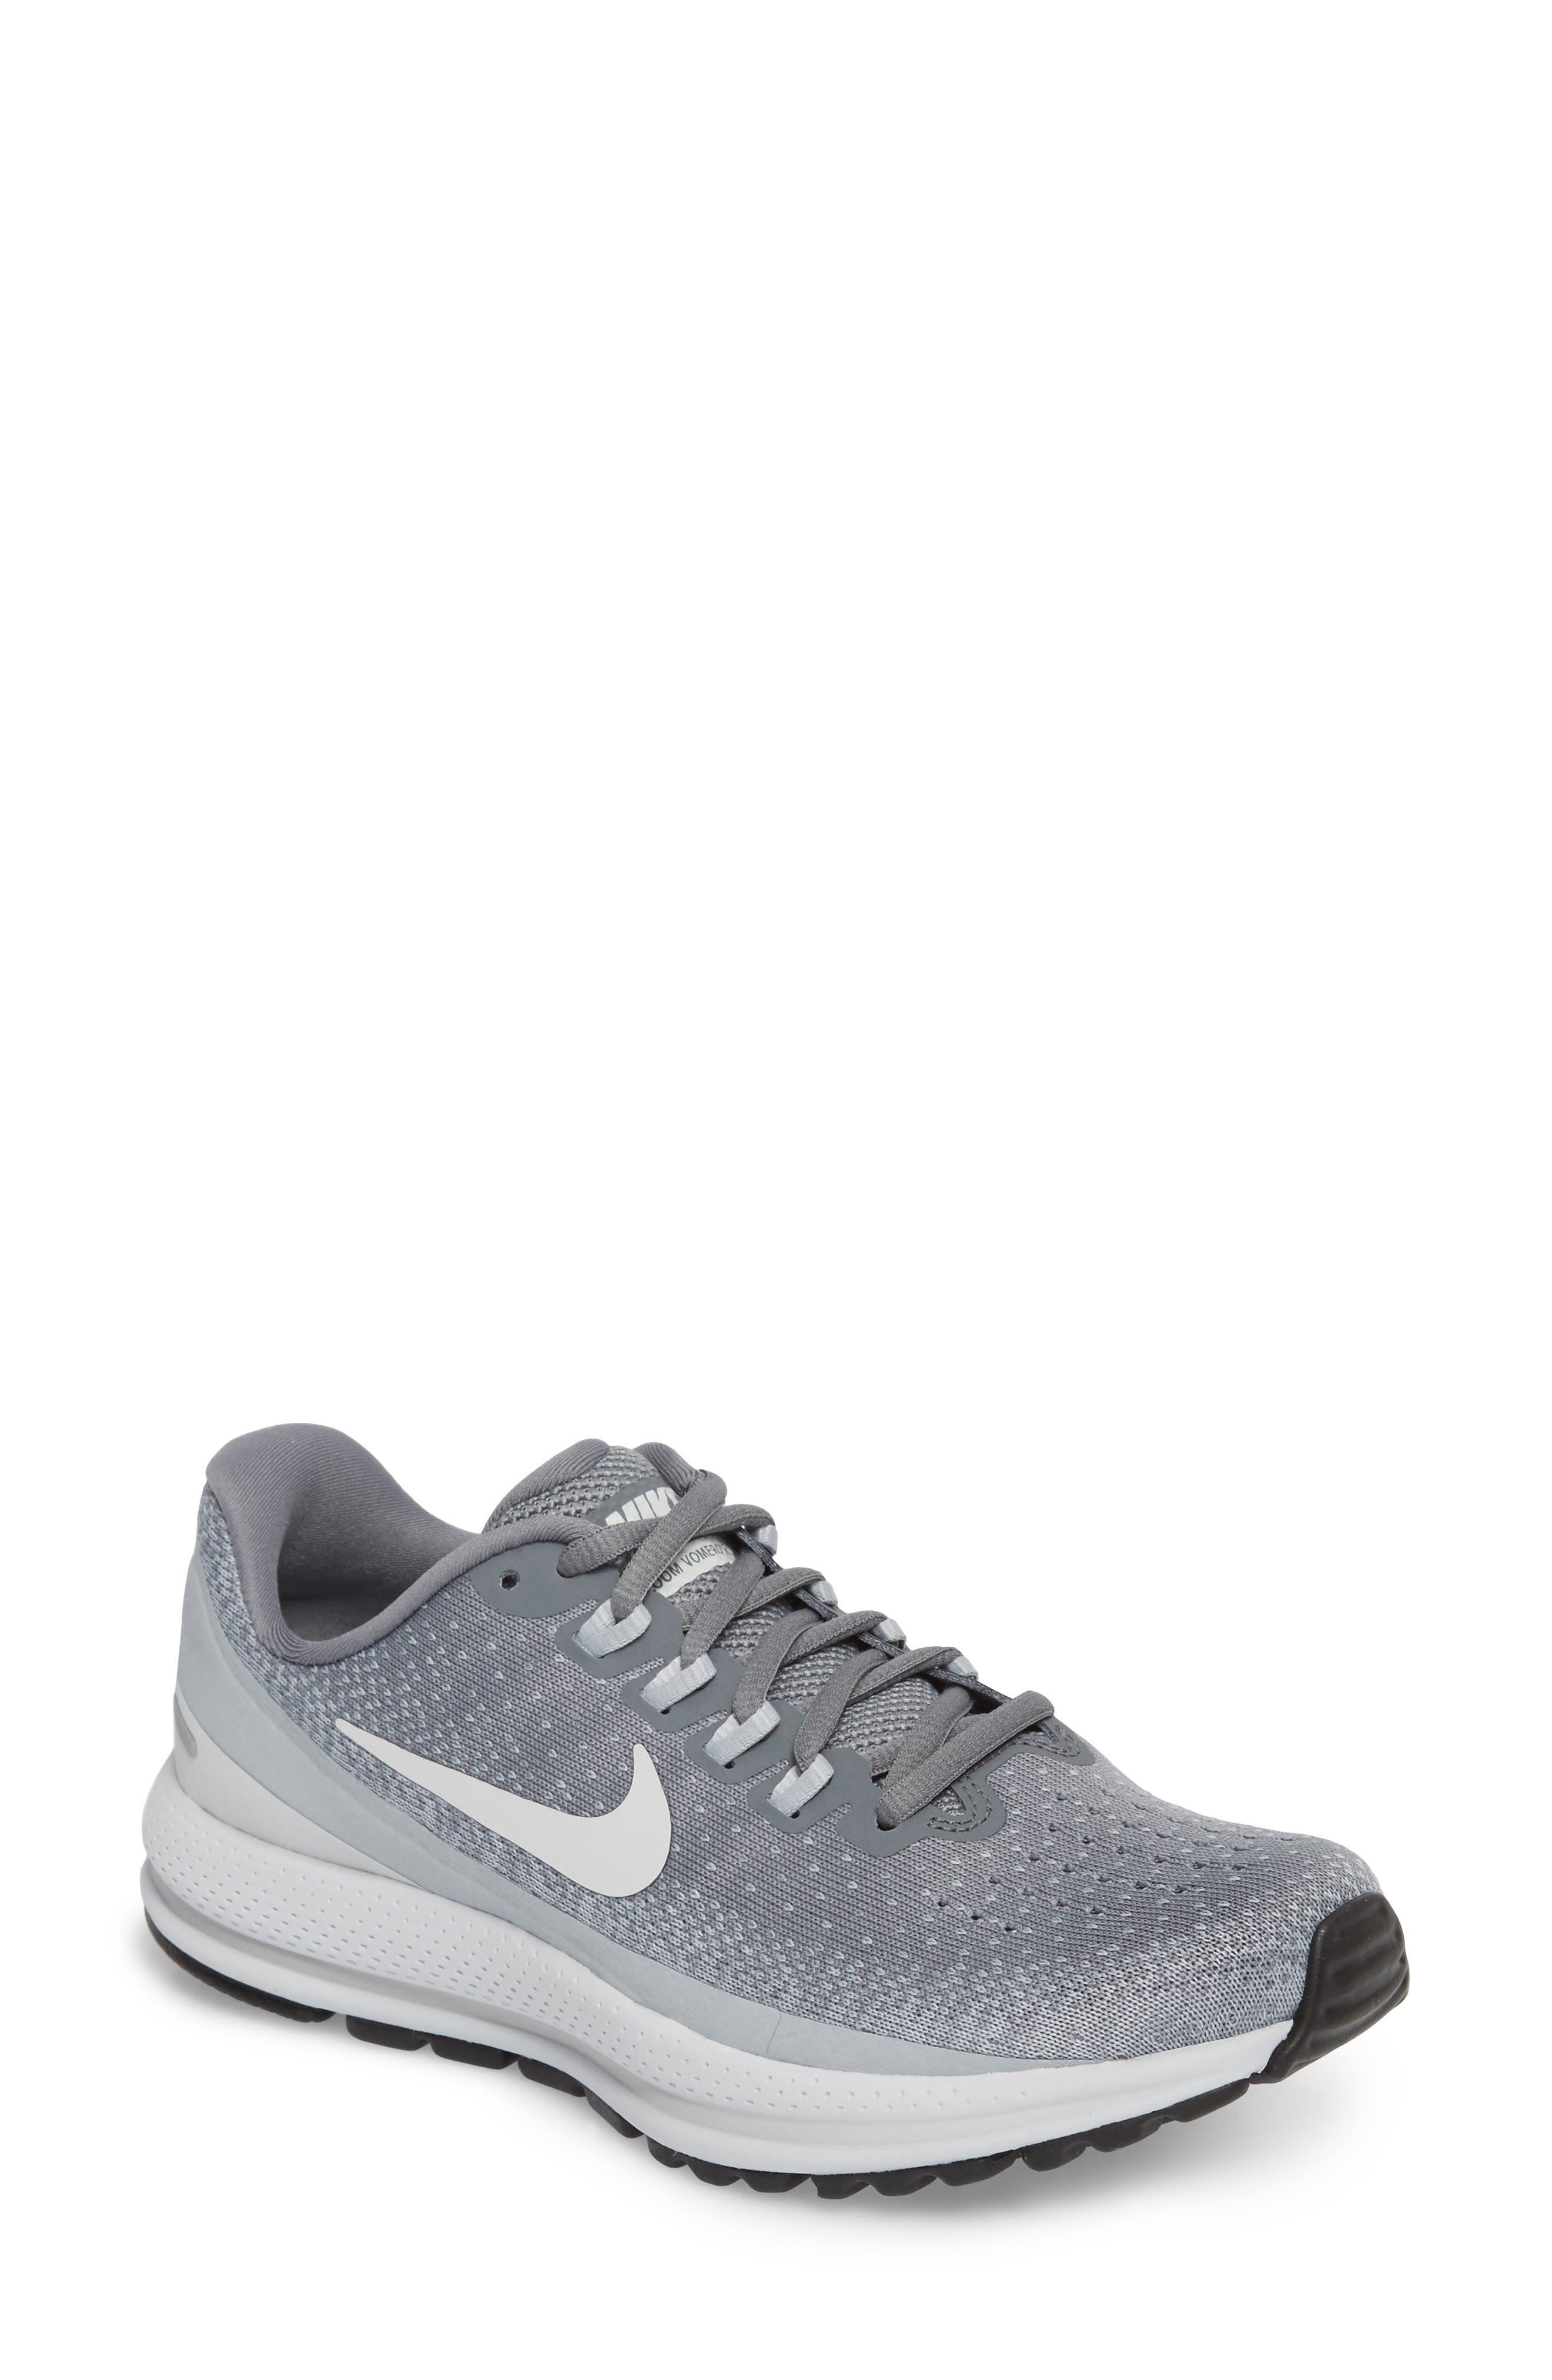 Nike Air Zoom Vomero 13 Running Shoe